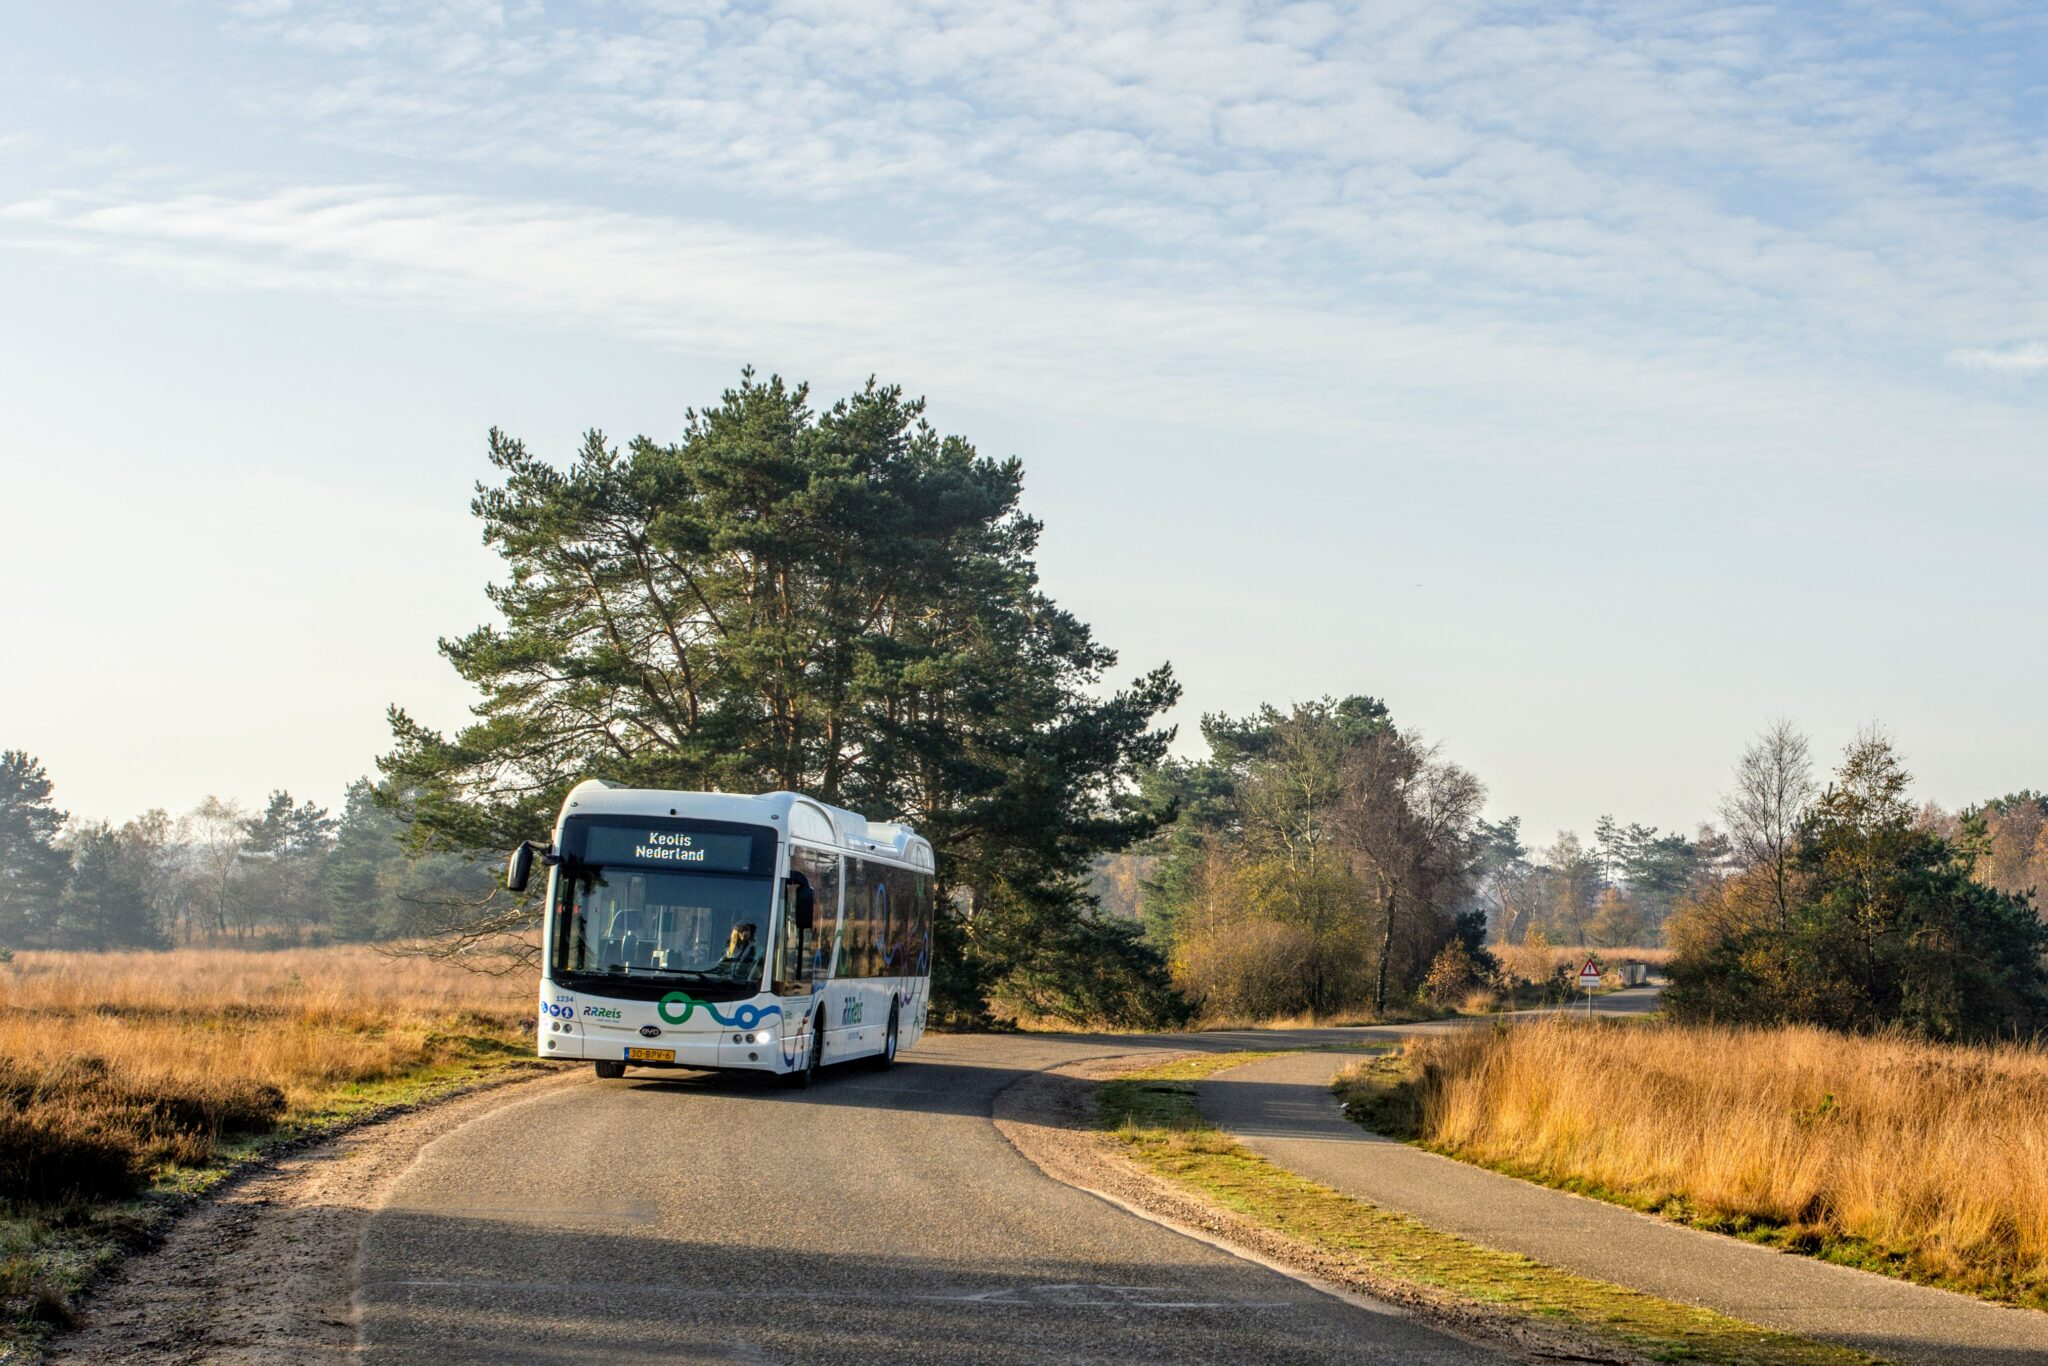 elektrische bussen nieuwe dienstregeling harderwijk buslijn op de schop